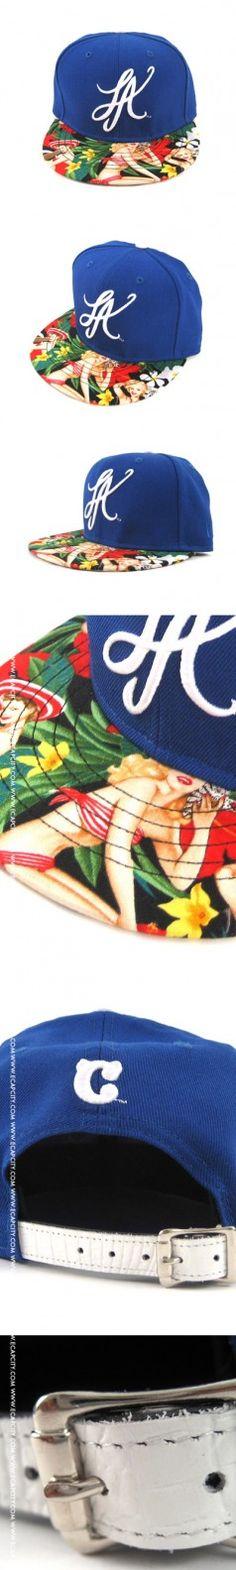 LA Script Cali Girls New Era Strapback Hats - New Era Custom - Strapbacks